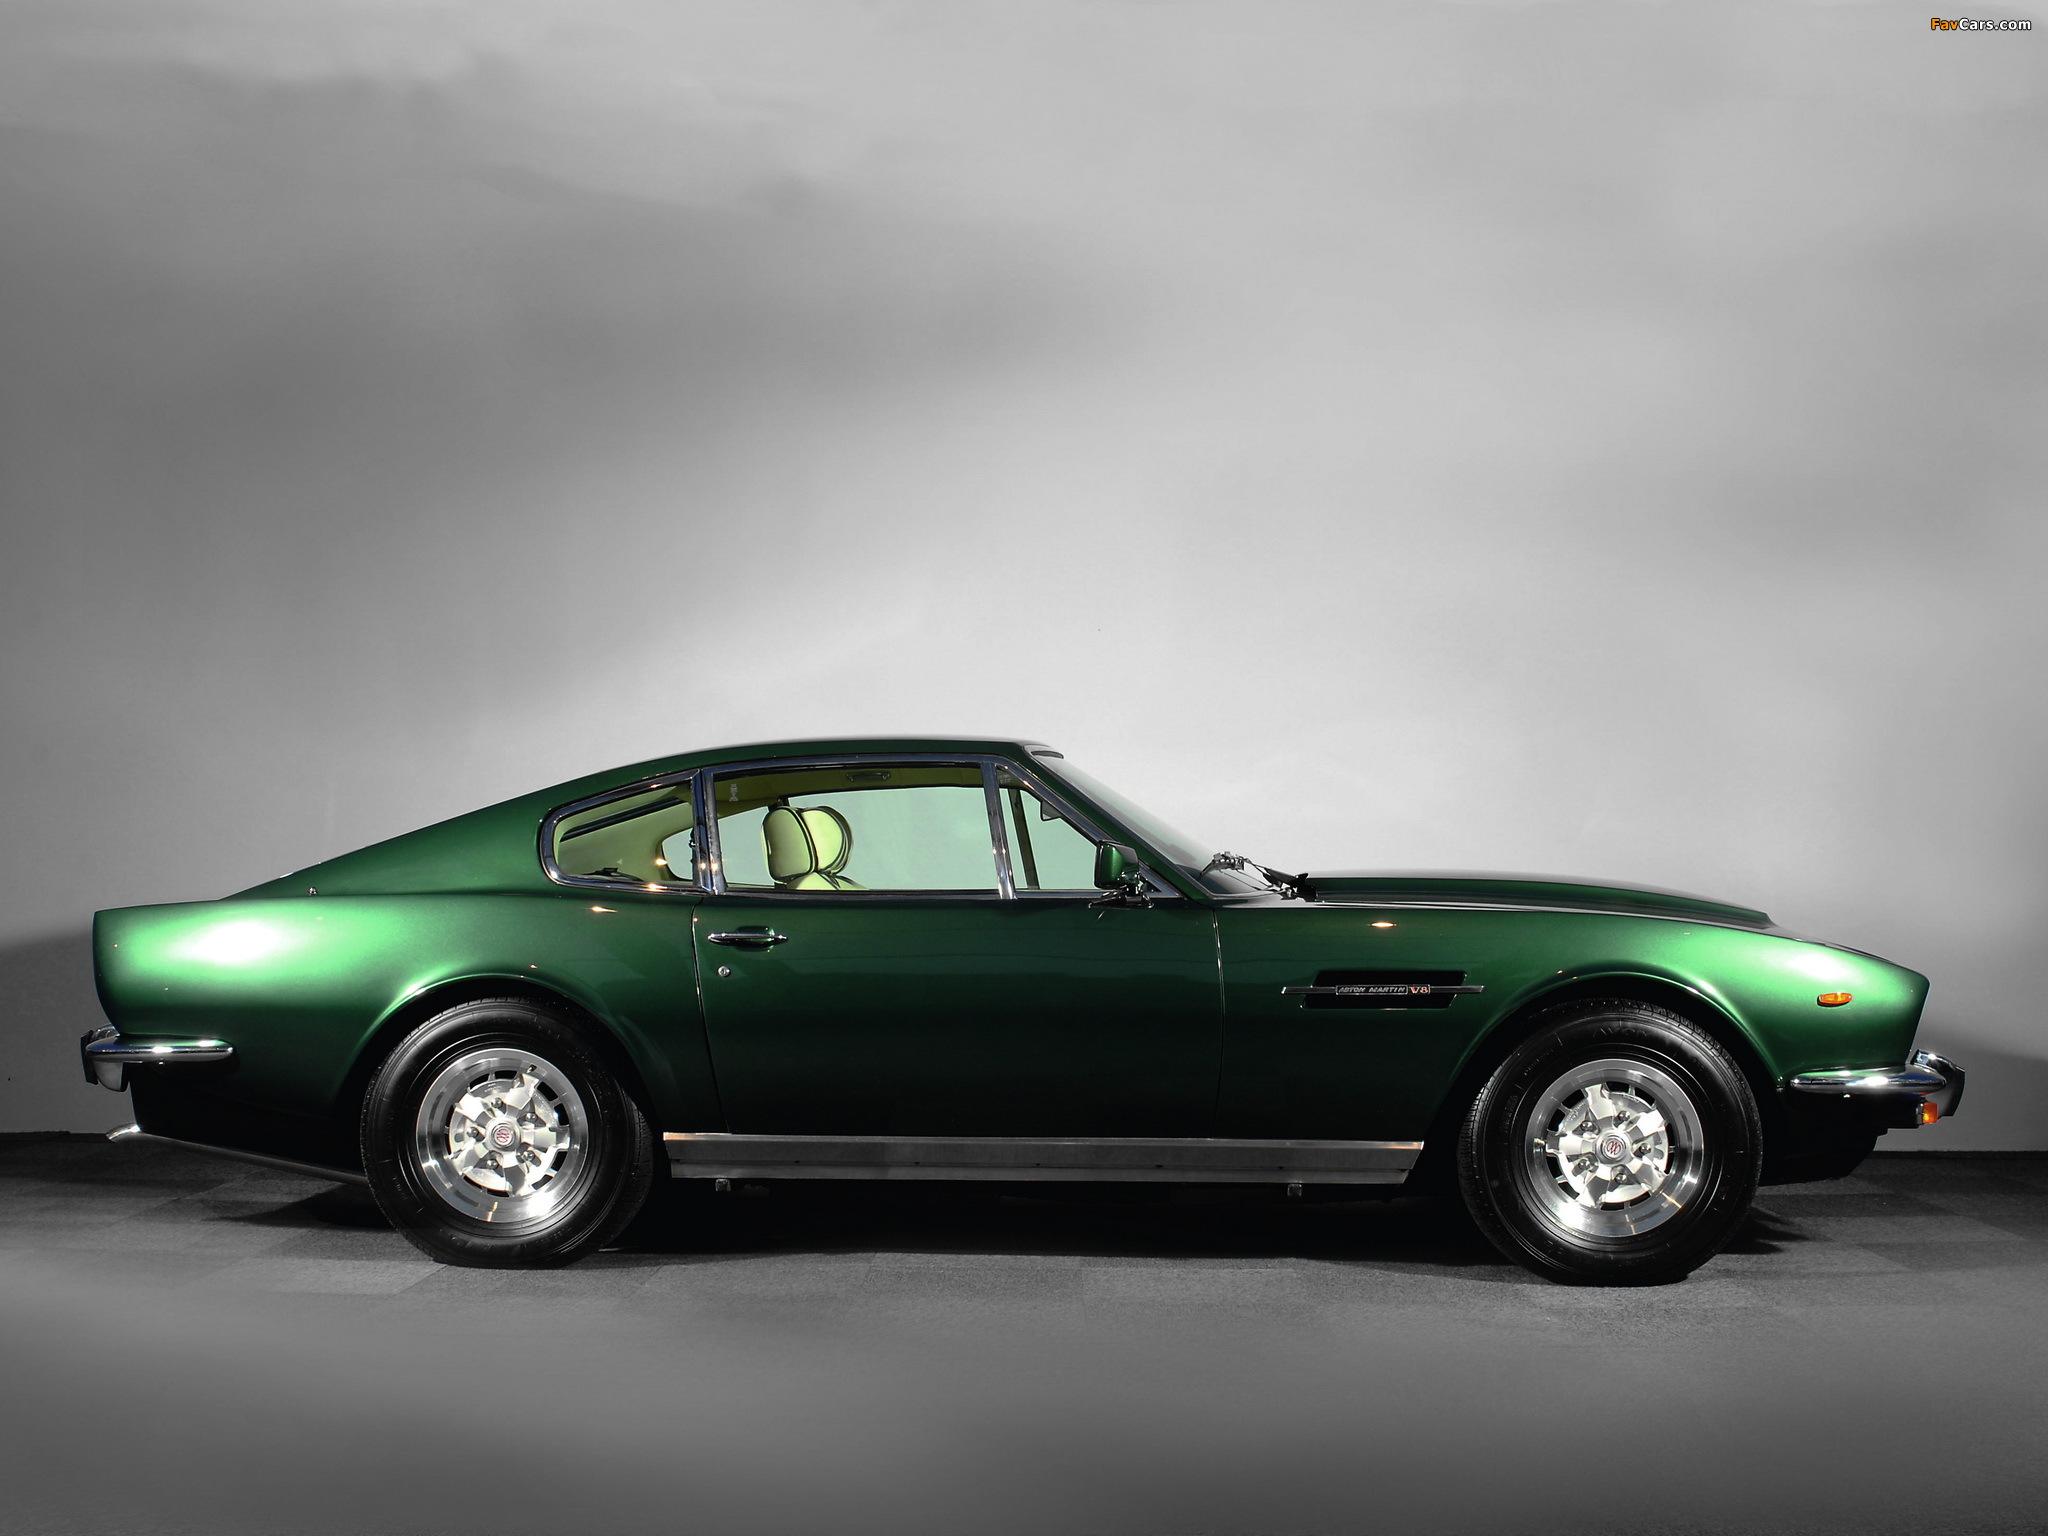 http://img.favcars.com/aston-martin/v8/aston-martin_v8_1977_images_6.jpg